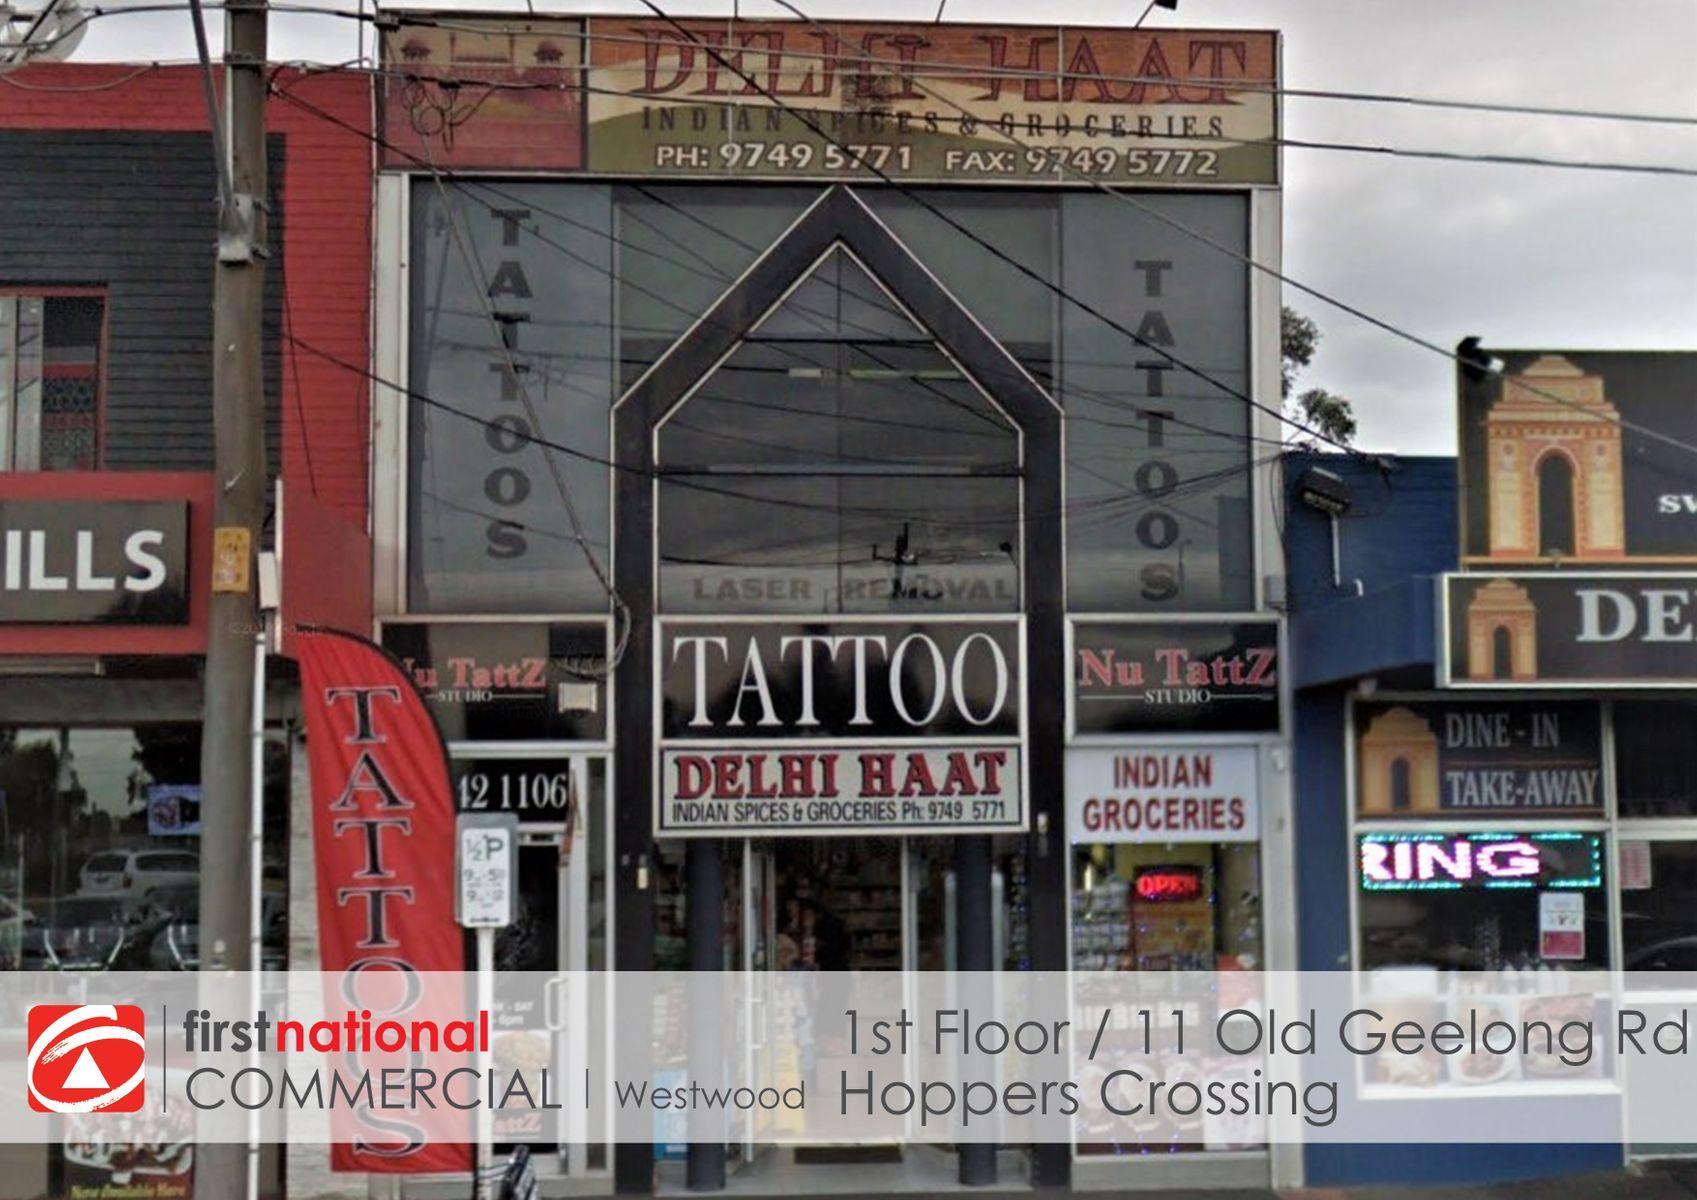 1st Floor/11 Old Geelong Road, Hoppers Crossing, VIC 3029